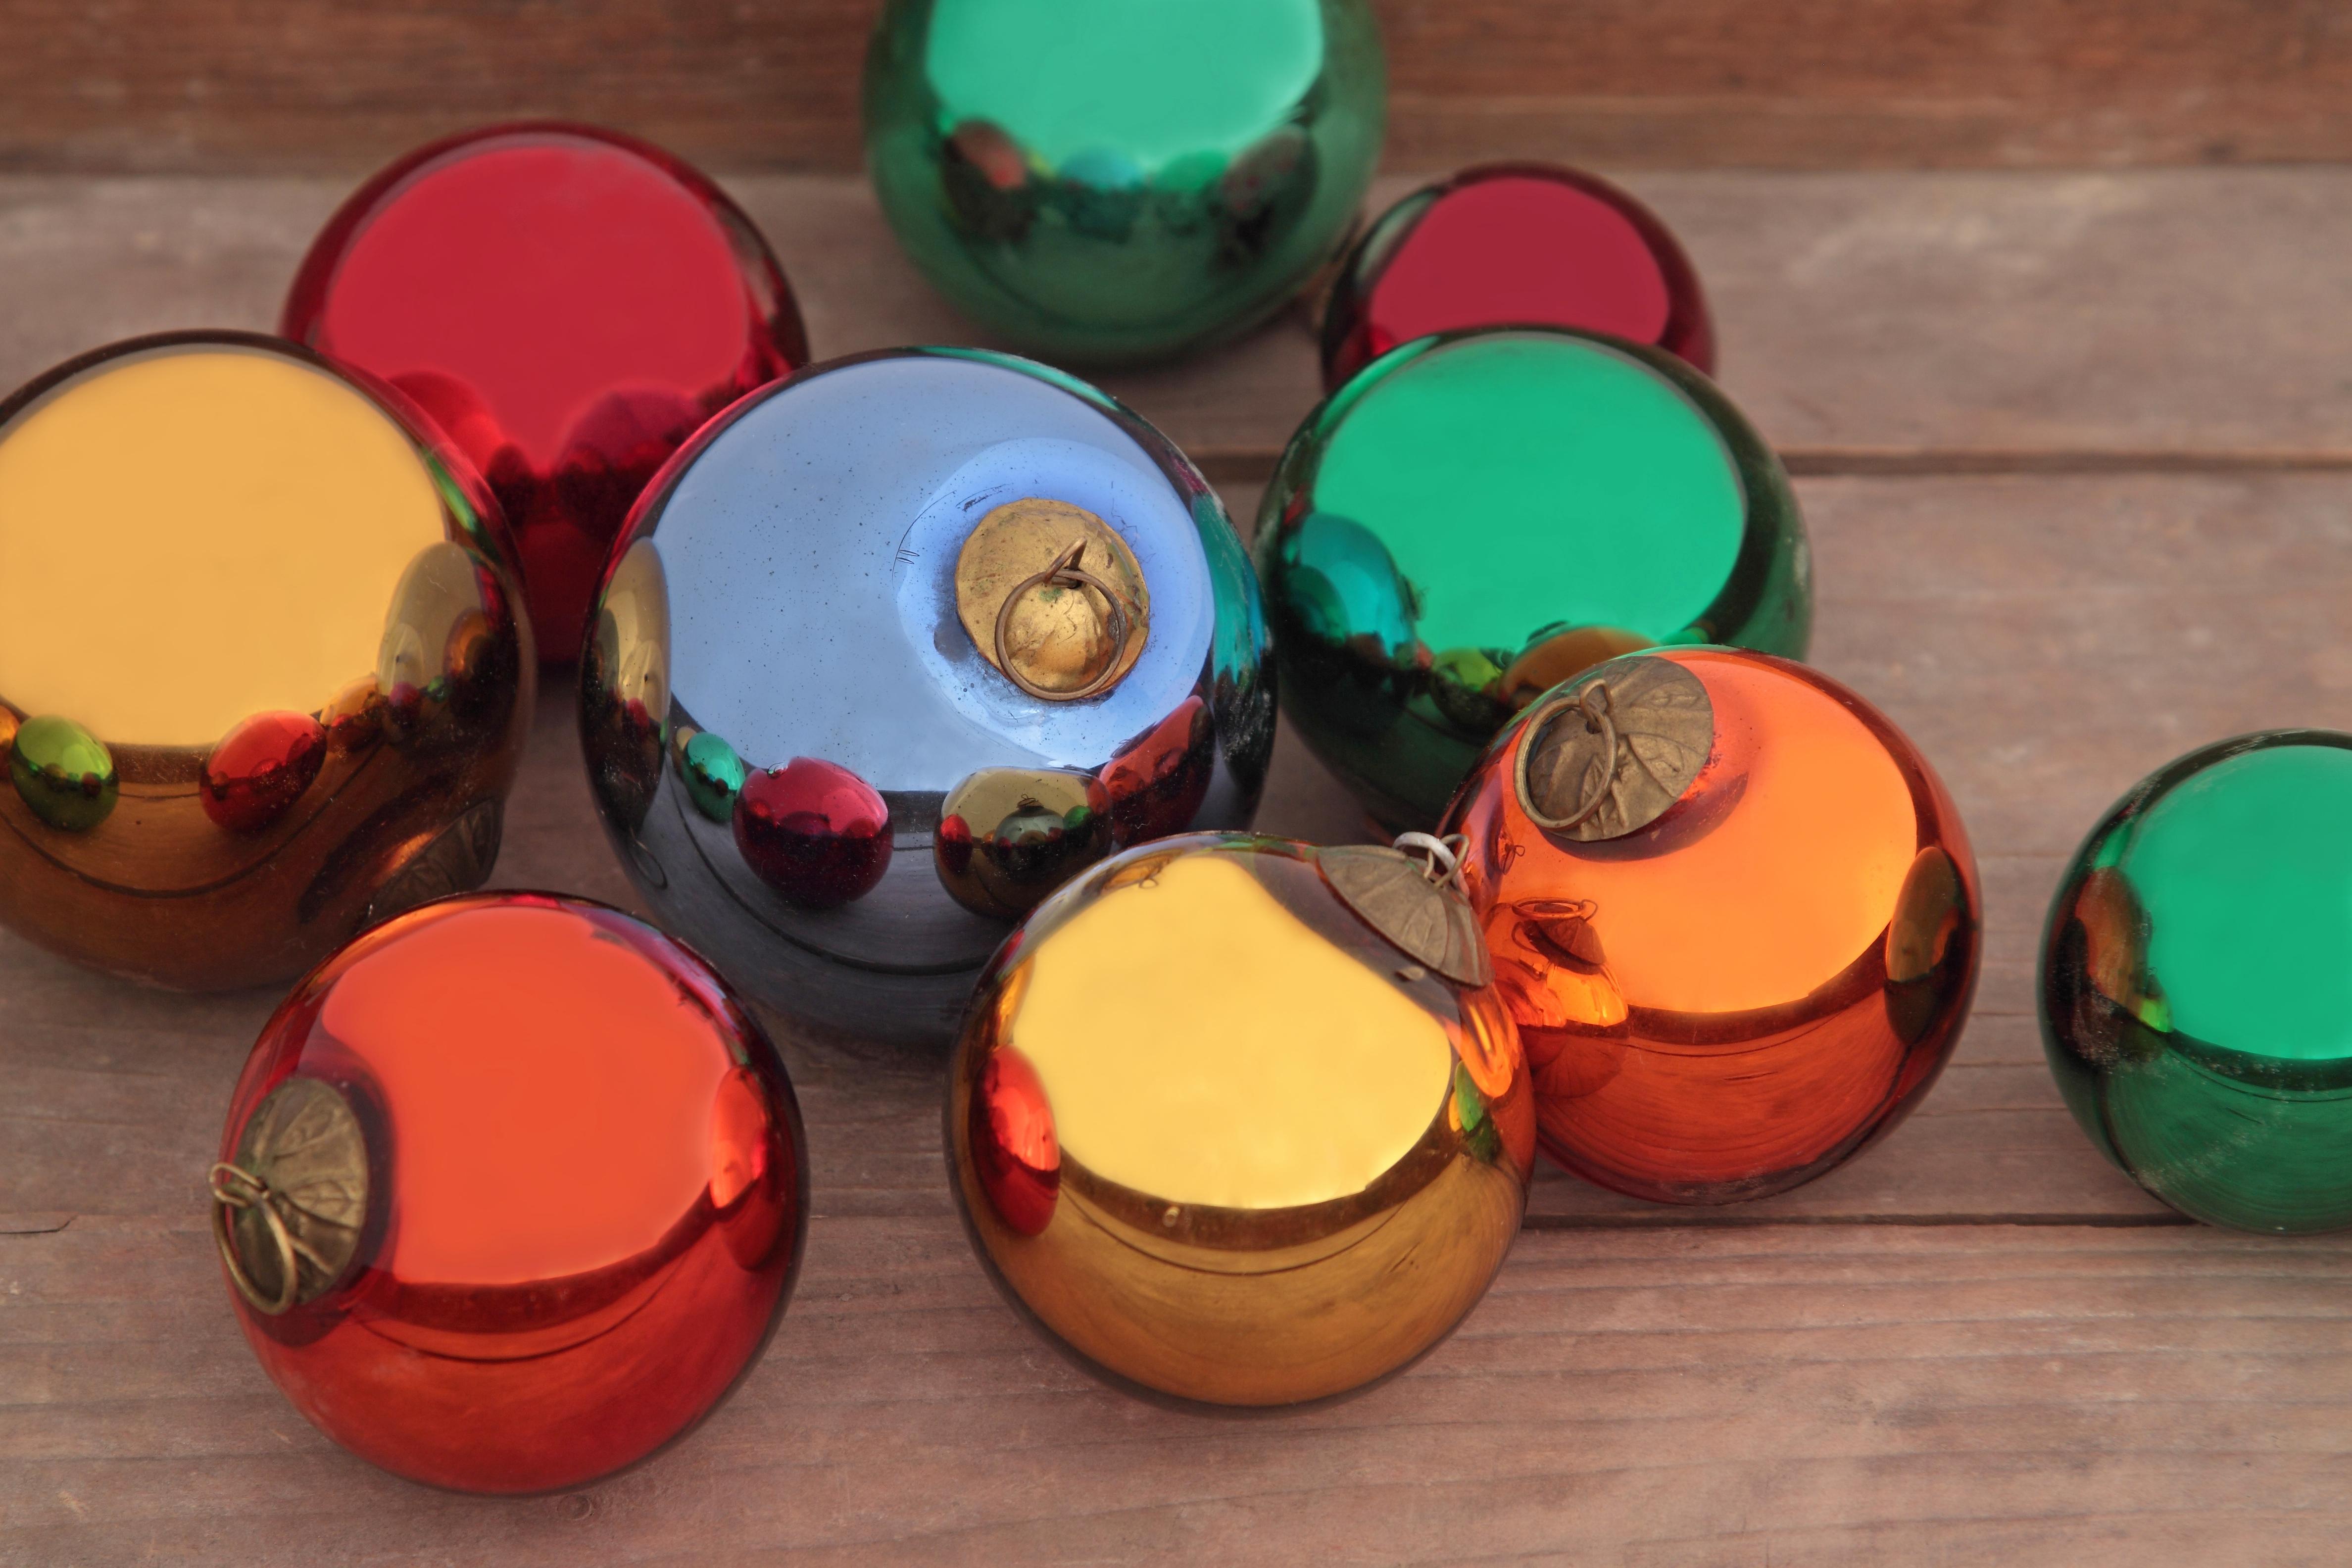 Boules de Noël argentées produites autrefois par la Verrerie de Goetzenbruck